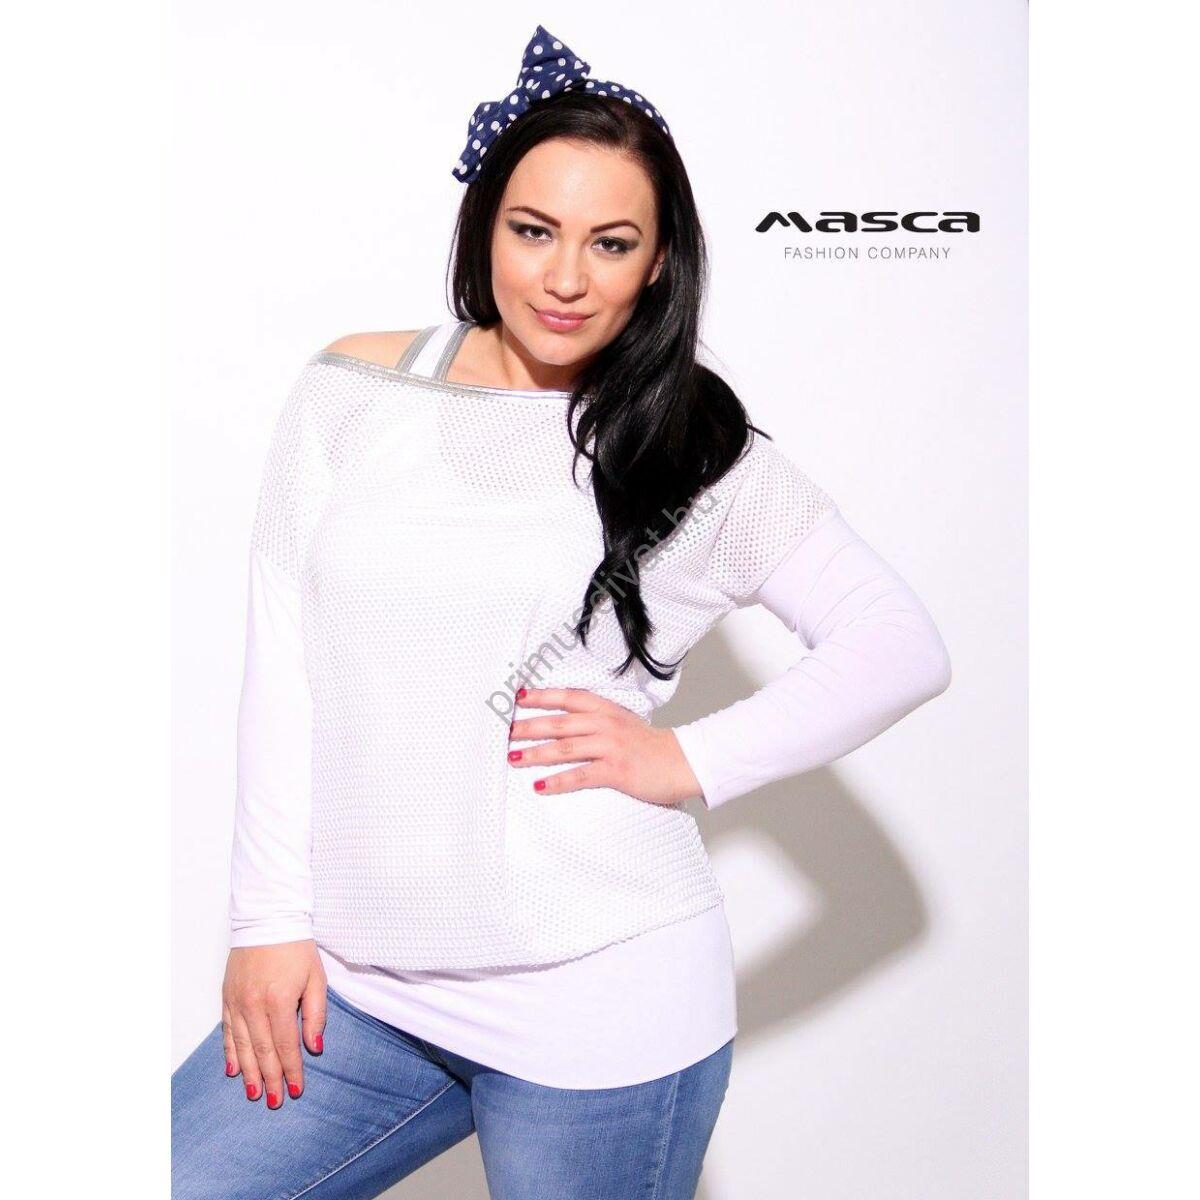 Masca Fashion trikópántos fehér felső bő necces felső réteggel 2578221808